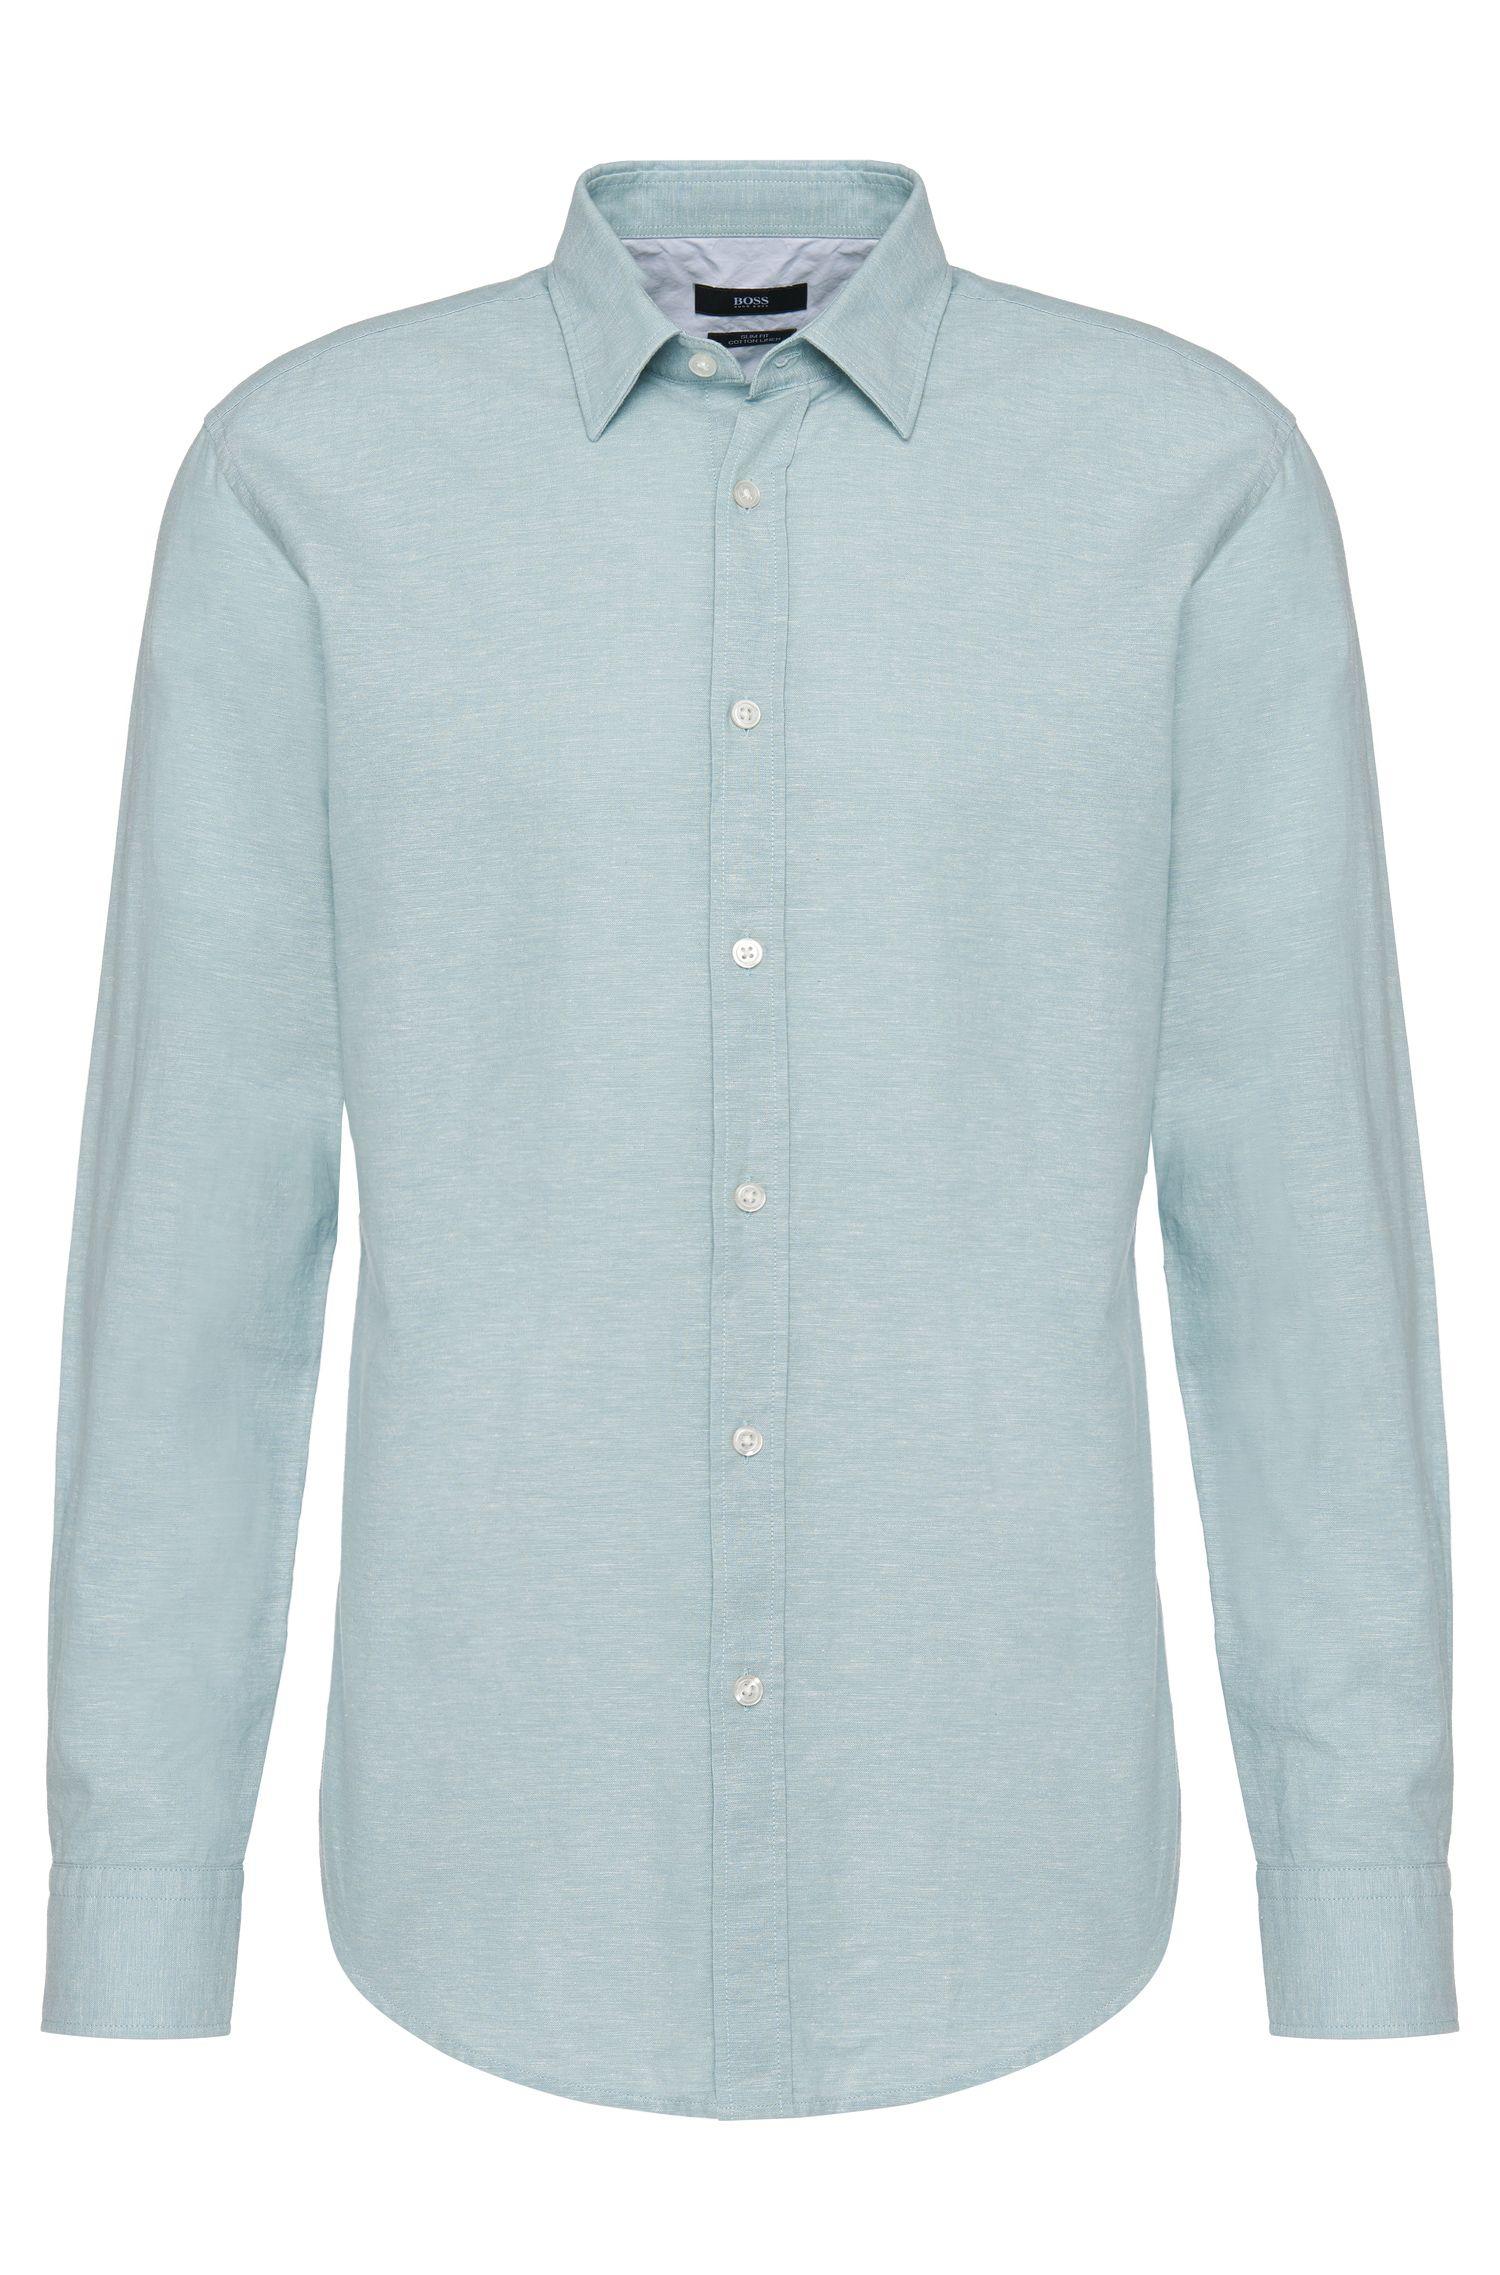 'Ronni' | Slim Fit, Cotton Linen Button Down Shirt